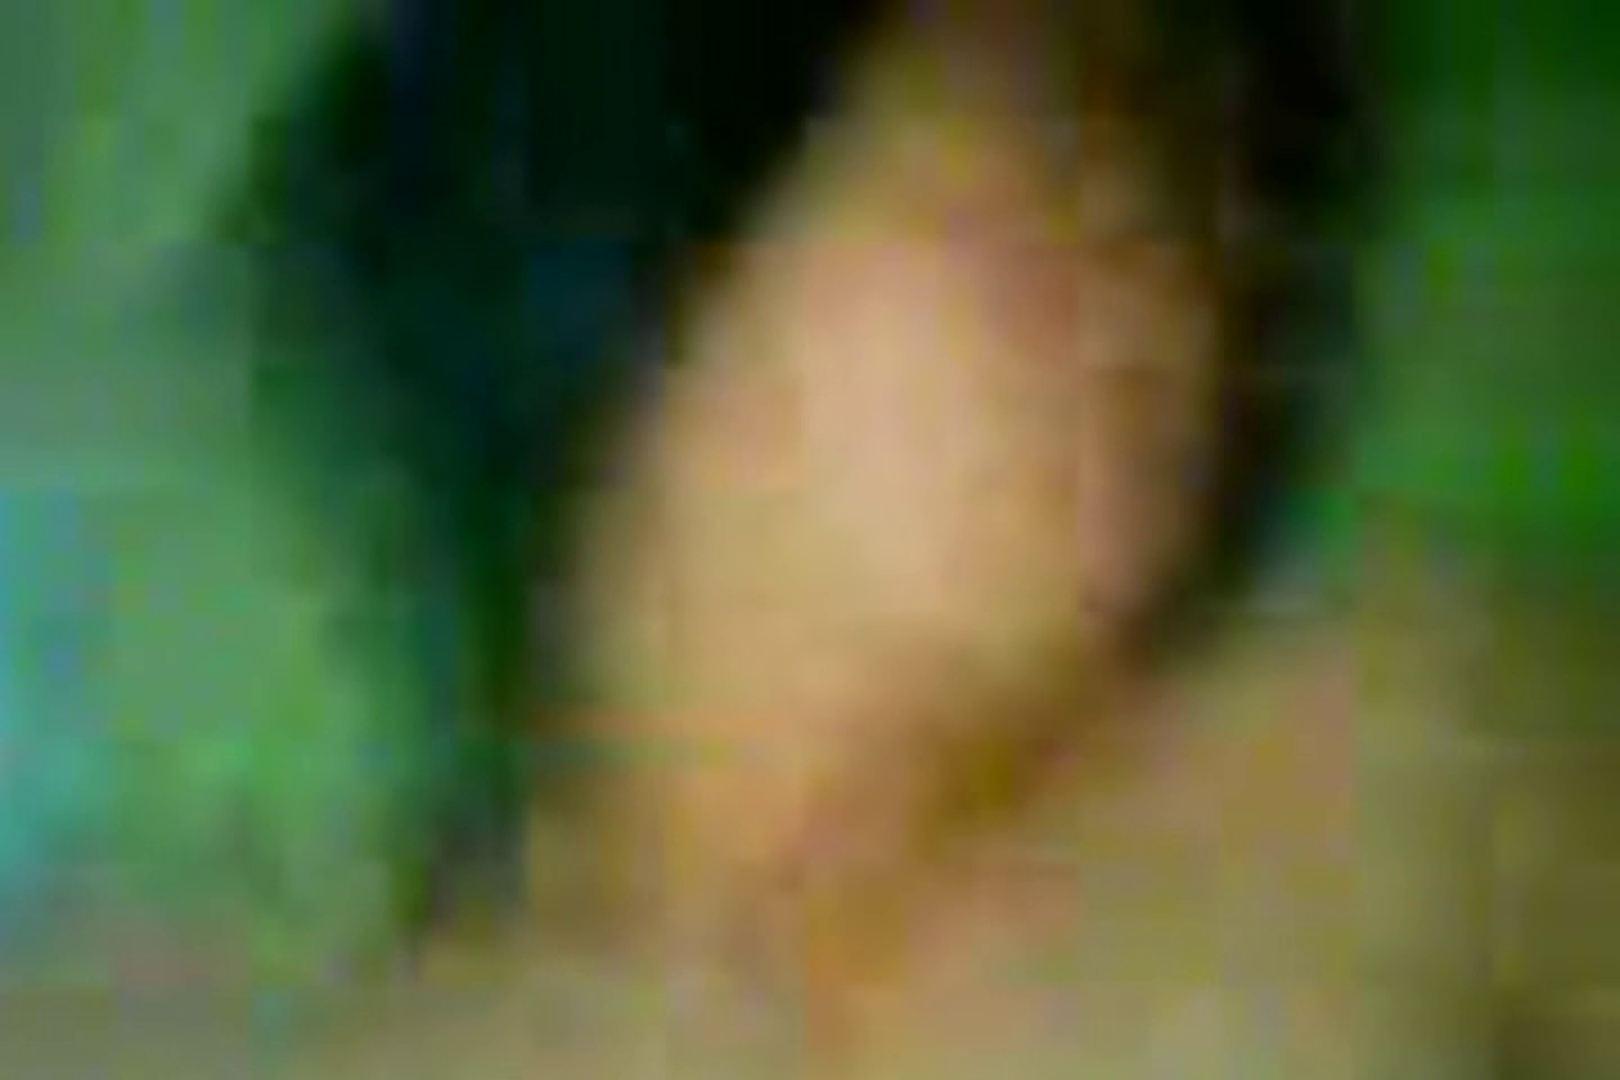 ウイルス流出 串田良祐と小学校教諭のハメ撮りアルバム 学校  58連発 34